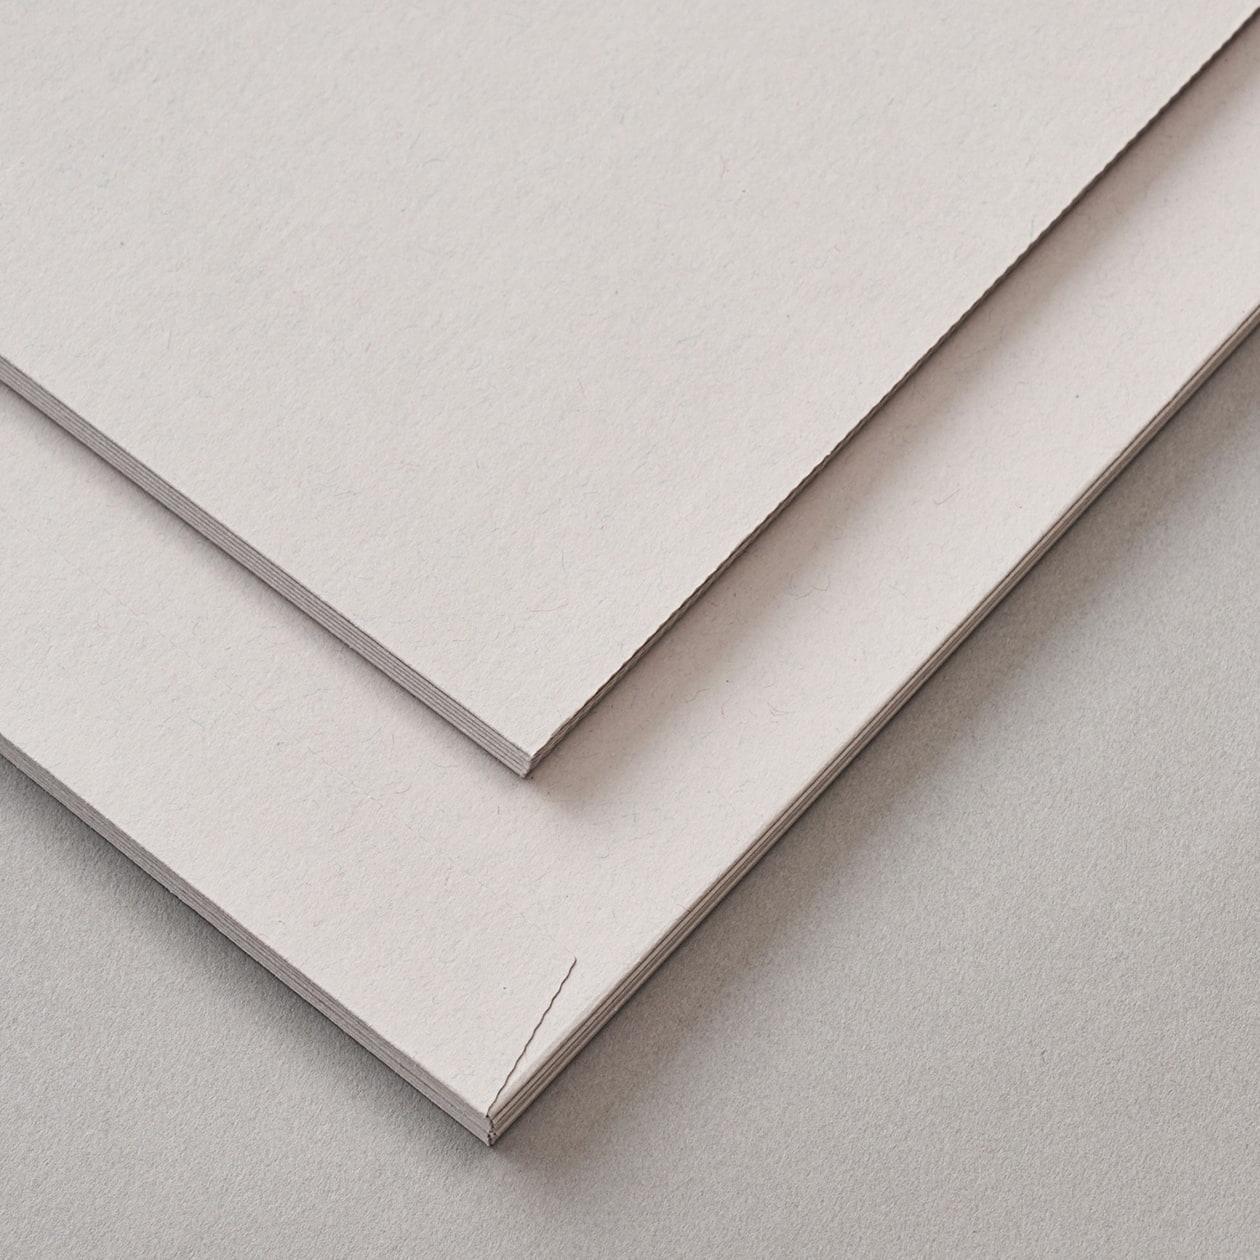 建築デザイン会社の提案書類用A4ファイル